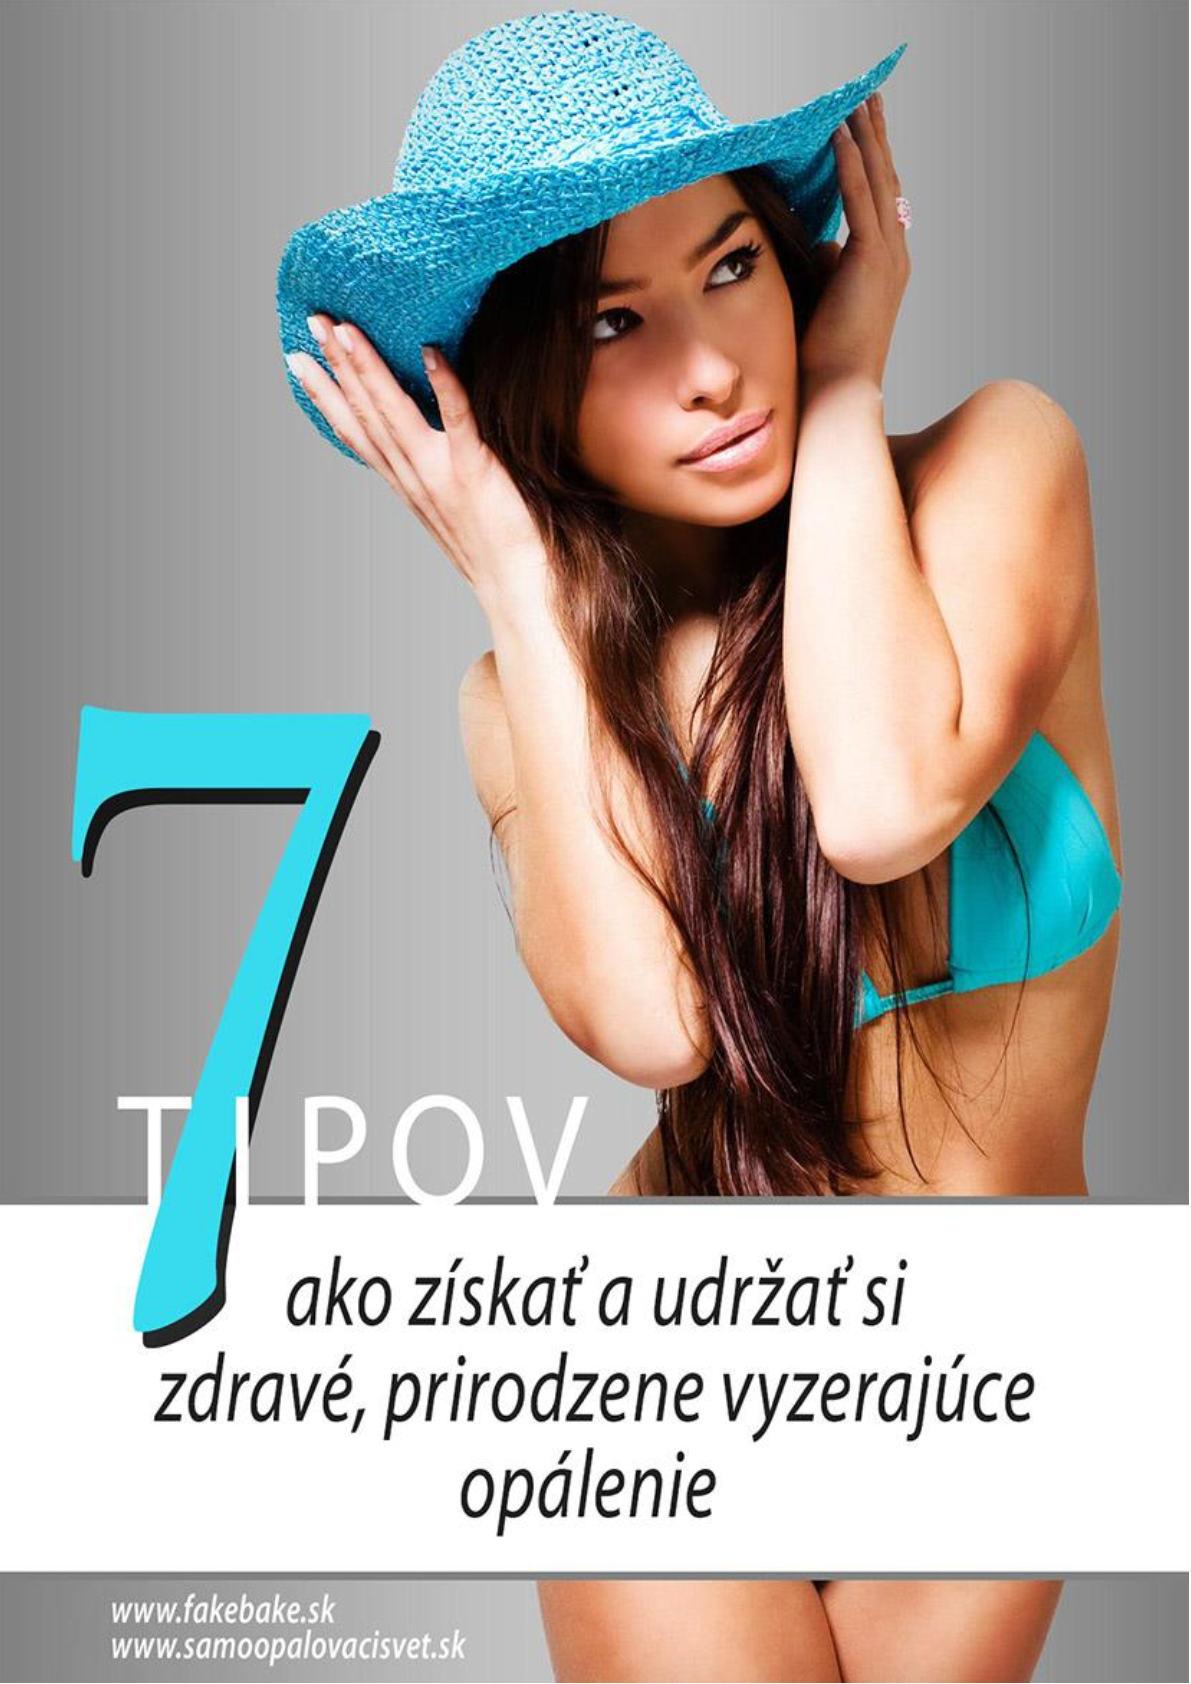 7 Tipov ako získať a udržať si zdravé, prirodzene vyzerajúce opálenie.